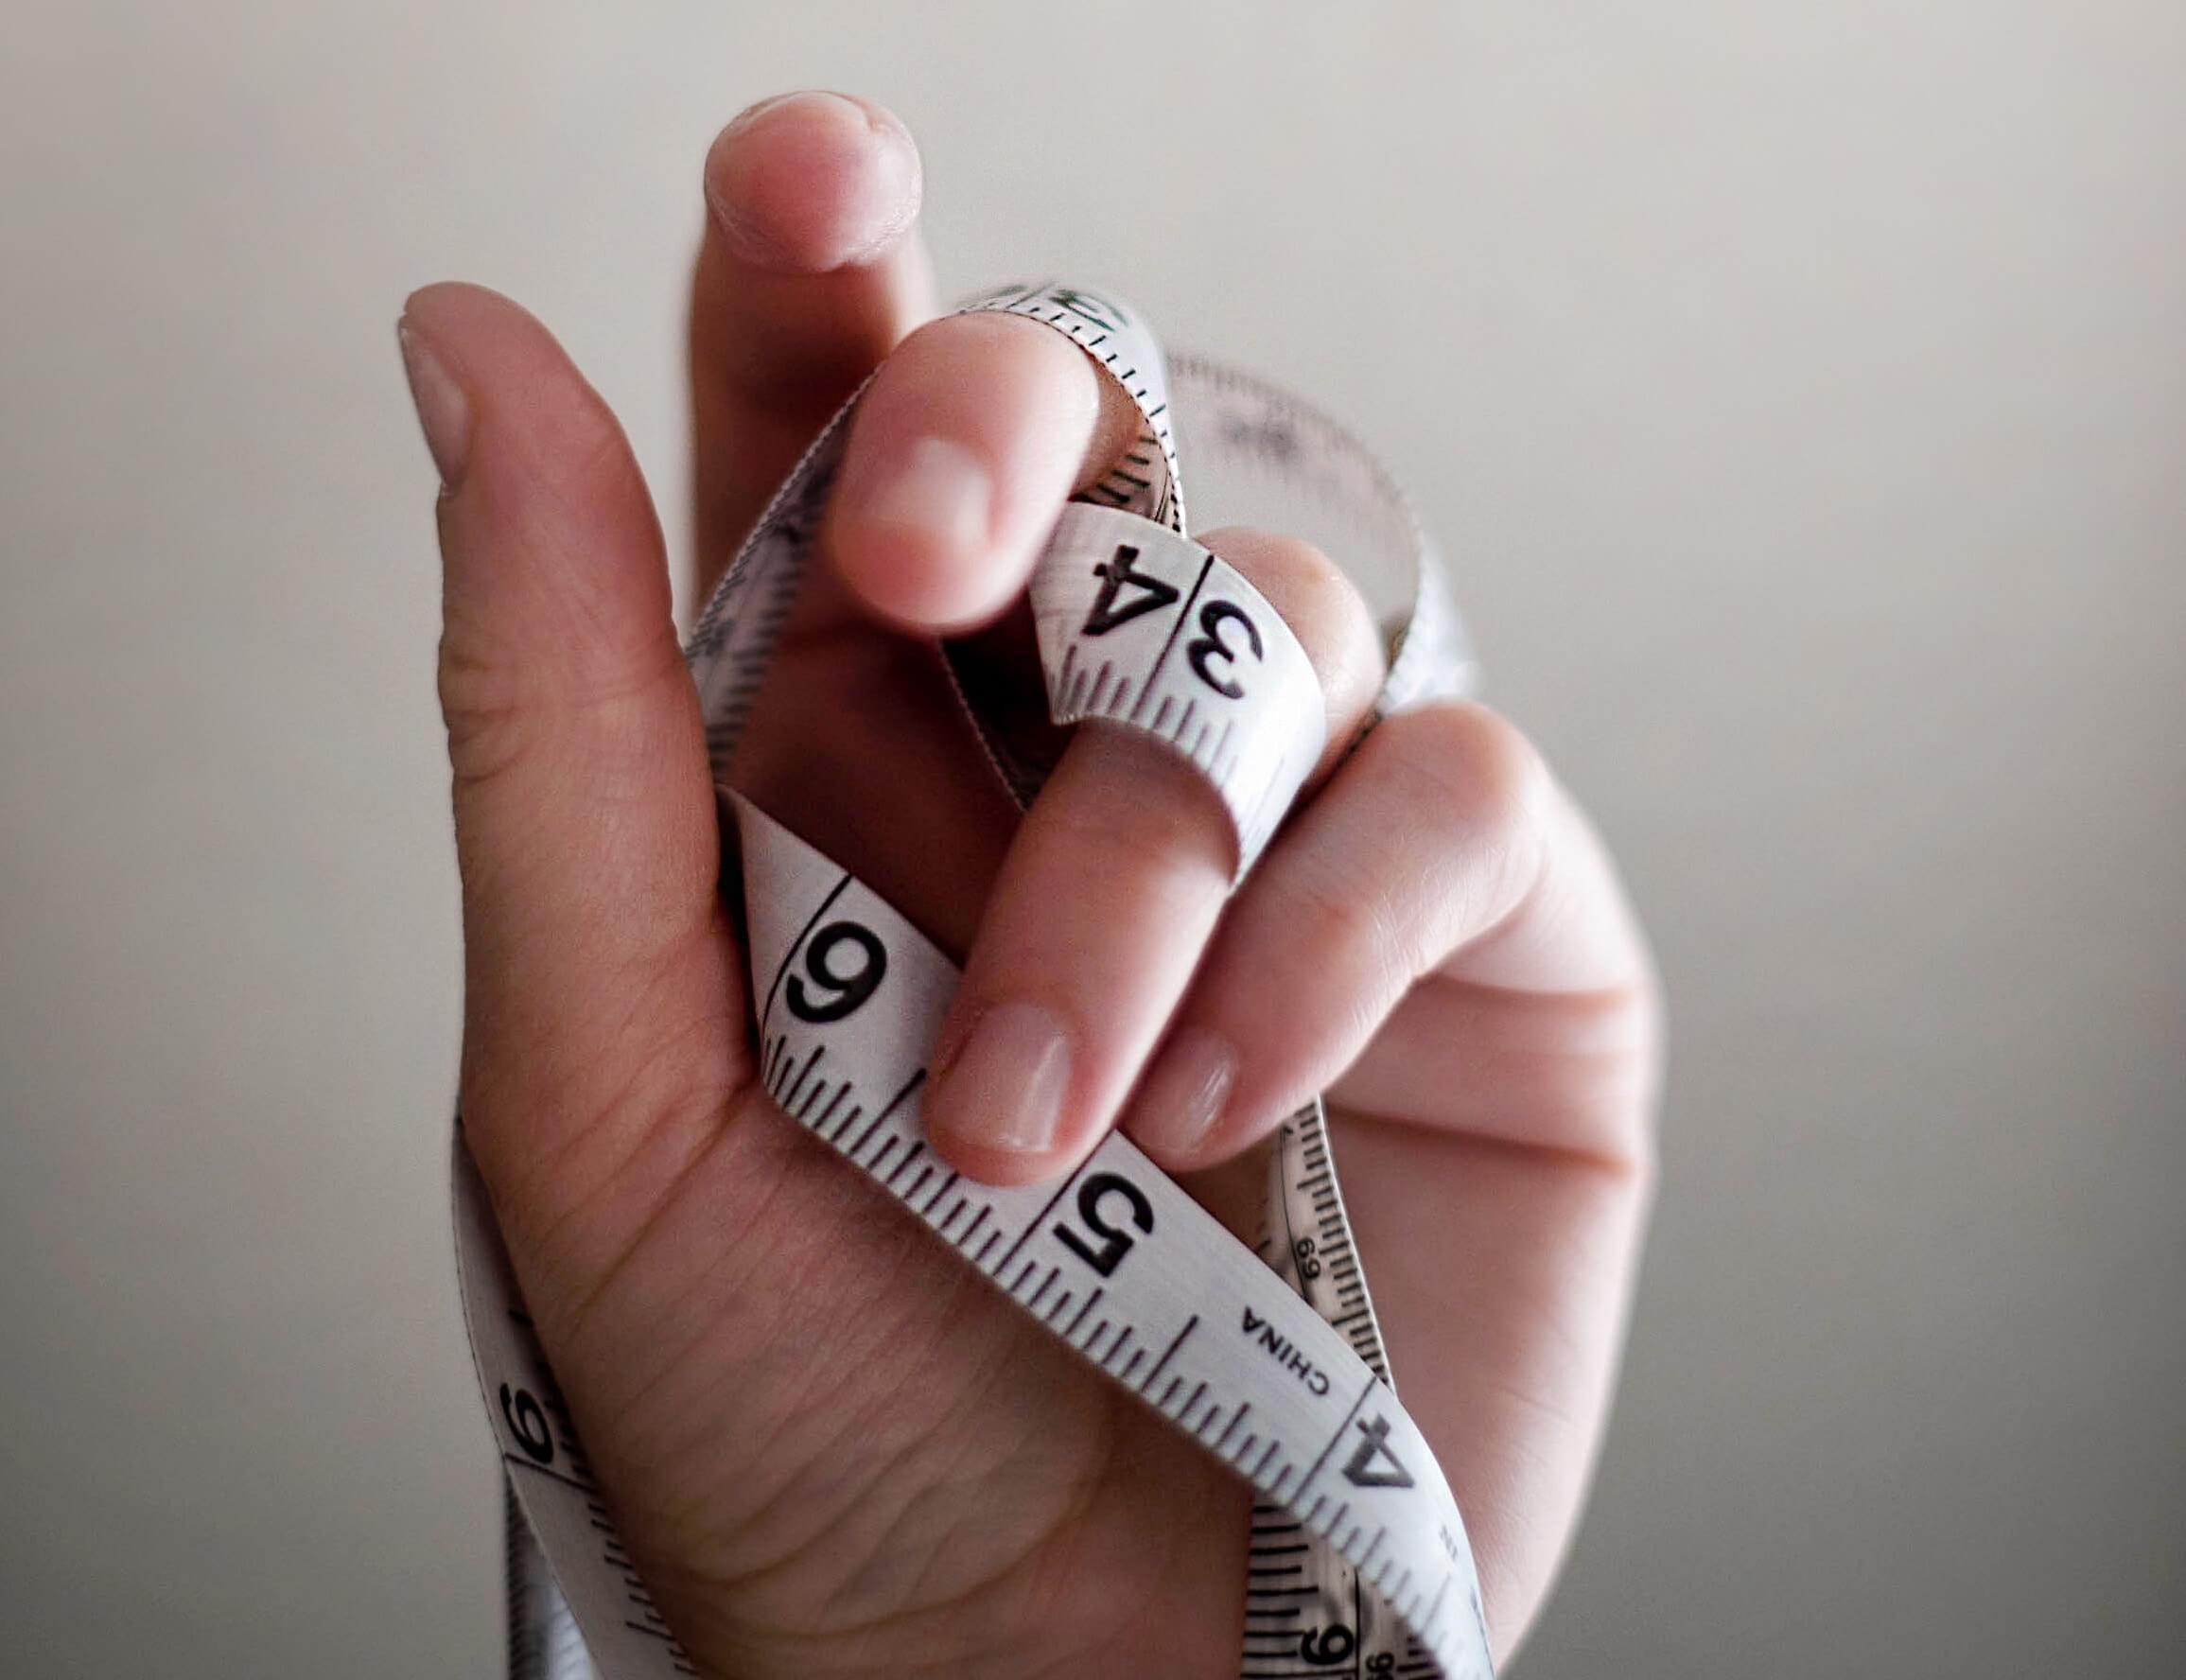 comment maigrir 2 kg en 1 jour - Comment maigrir